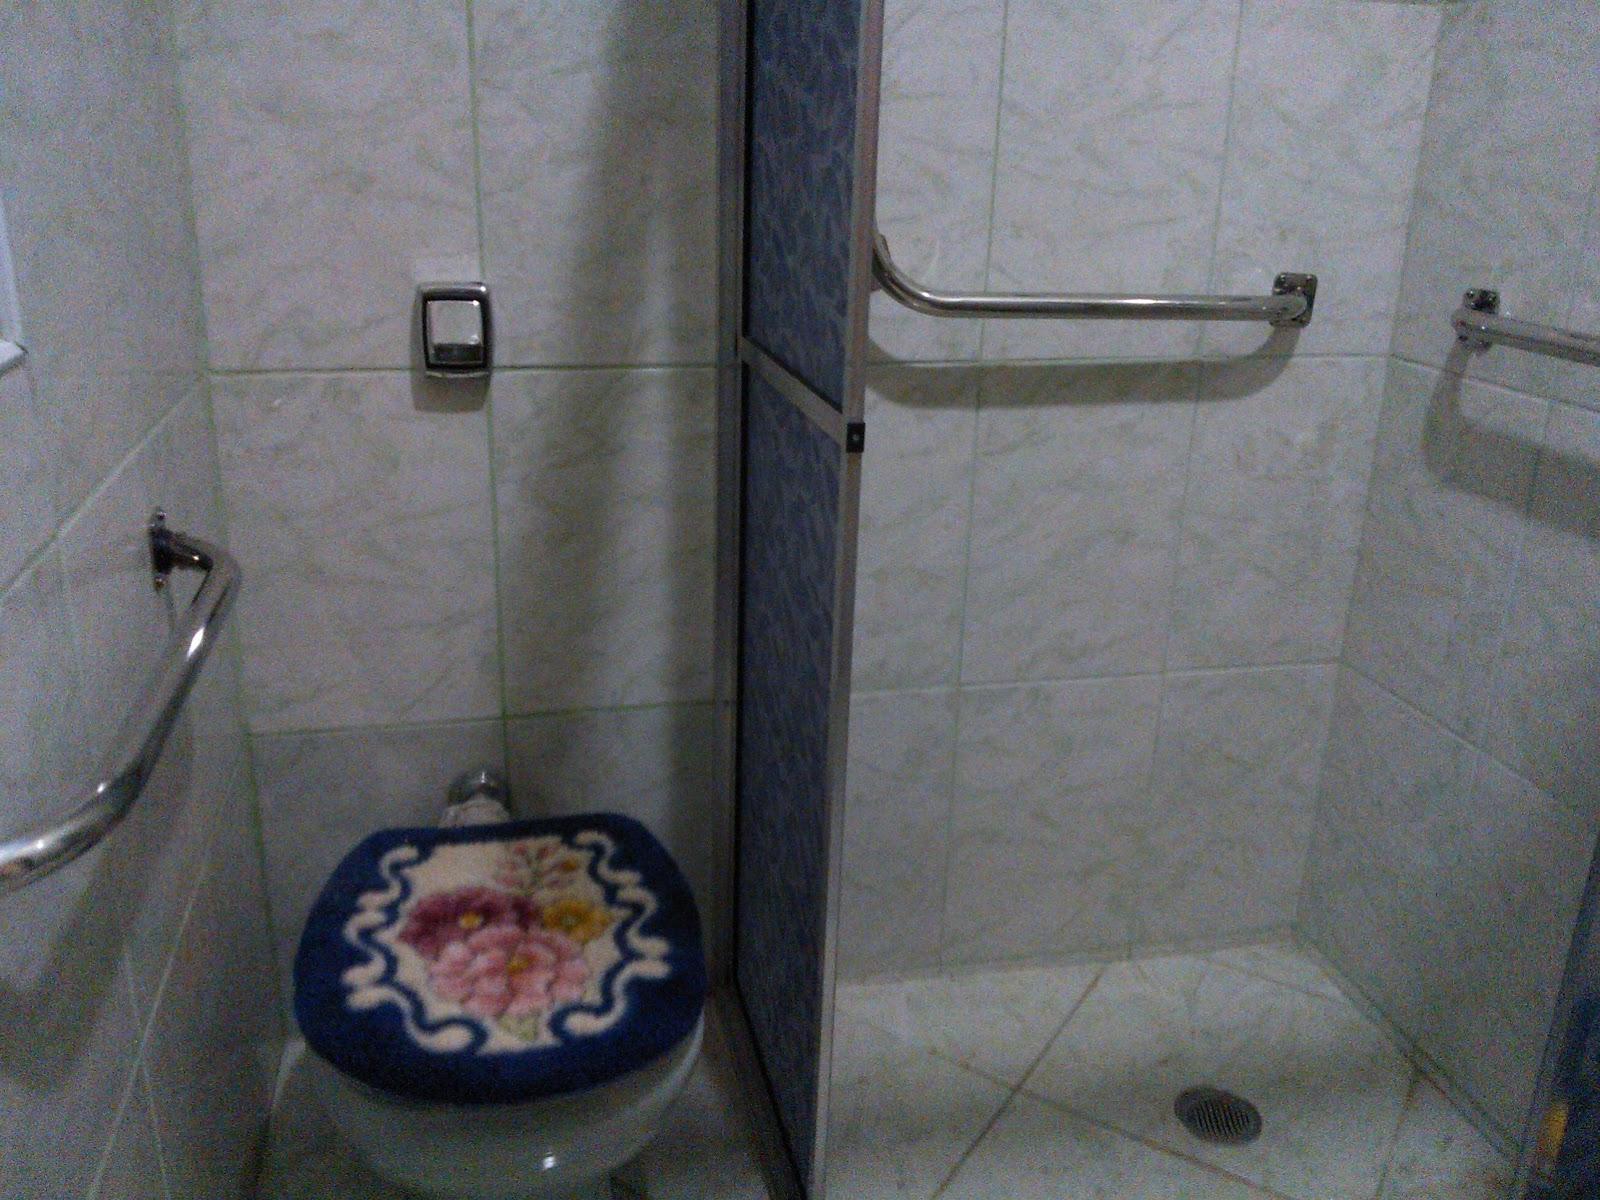 Imagens de #5E4C46 Barra de apoio instalada em box do chuveiro apara apoio de criança  1600x1200 px 3574 Barras Banheiro Idosos